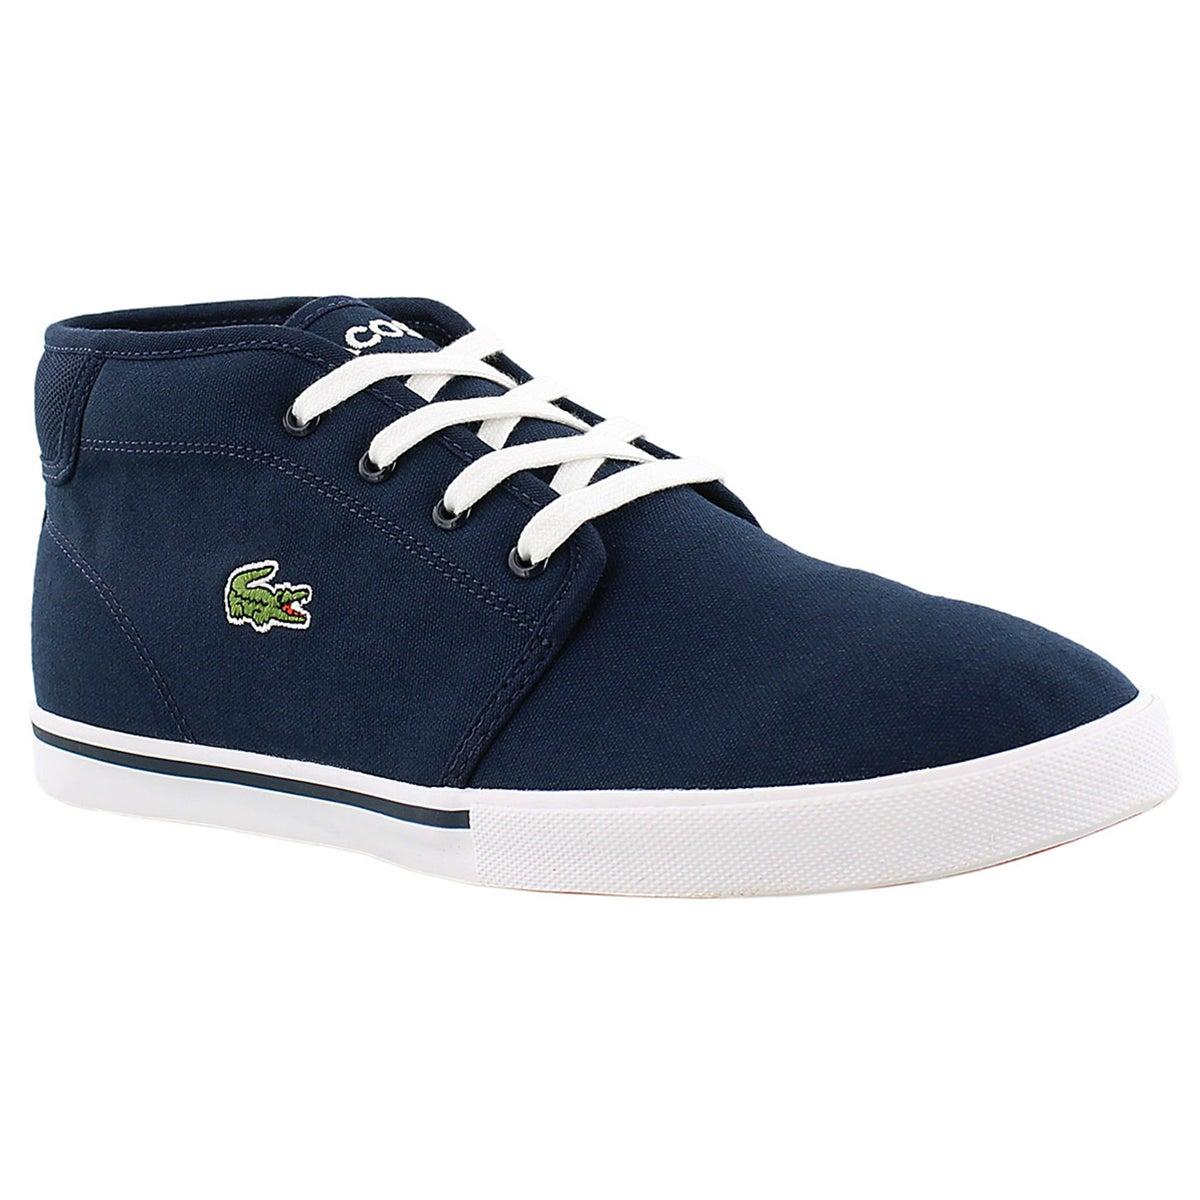 Mns Ampthill 2 dark blue fashion sneaker